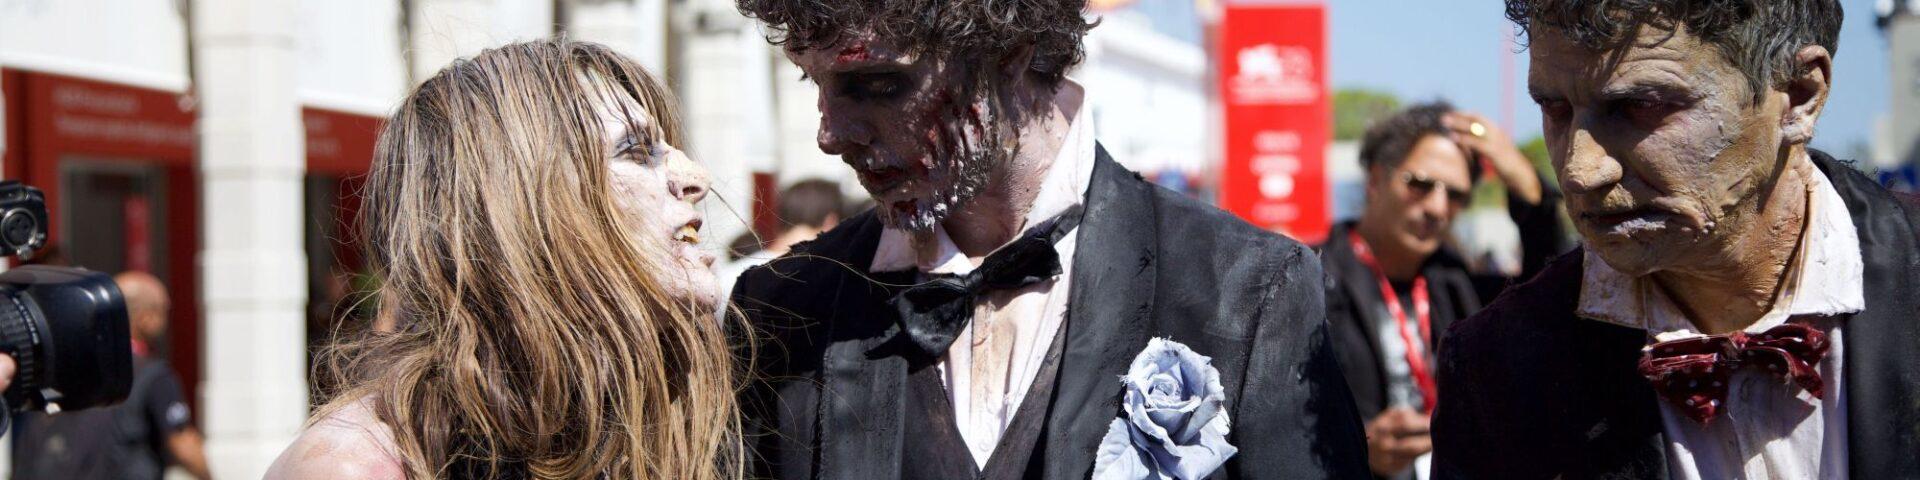 The Walking Dead a Venezia 78: l'invasione zombie (FOTO)